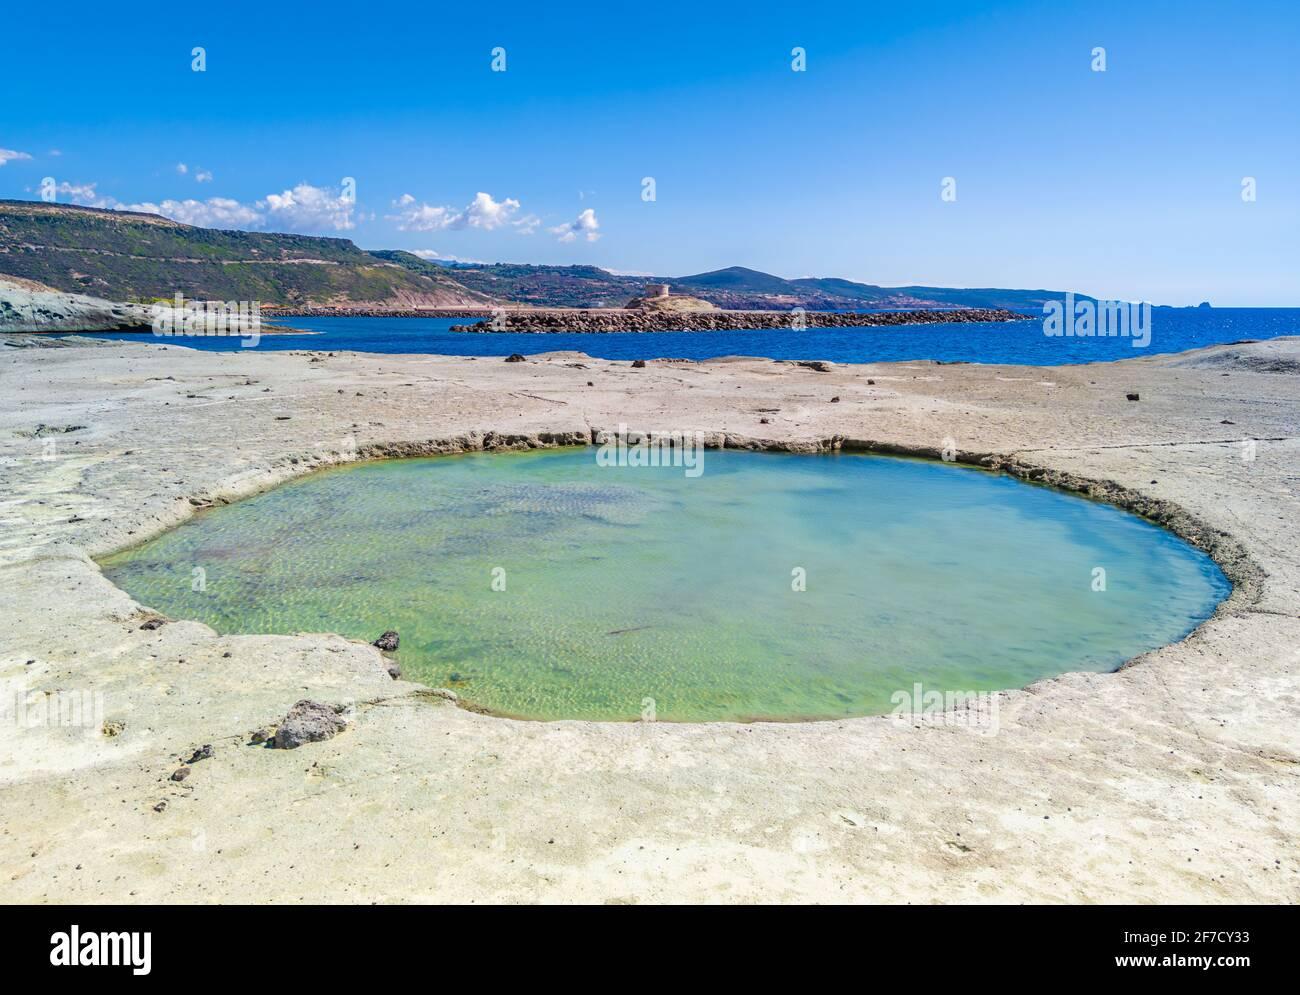 Bosa (Cerdeña, Italia) - una vista del pintoresco y encantador casco antiguo en la costa marina de Oristano, uno de los más bellos de Cerdeña Foto de stock